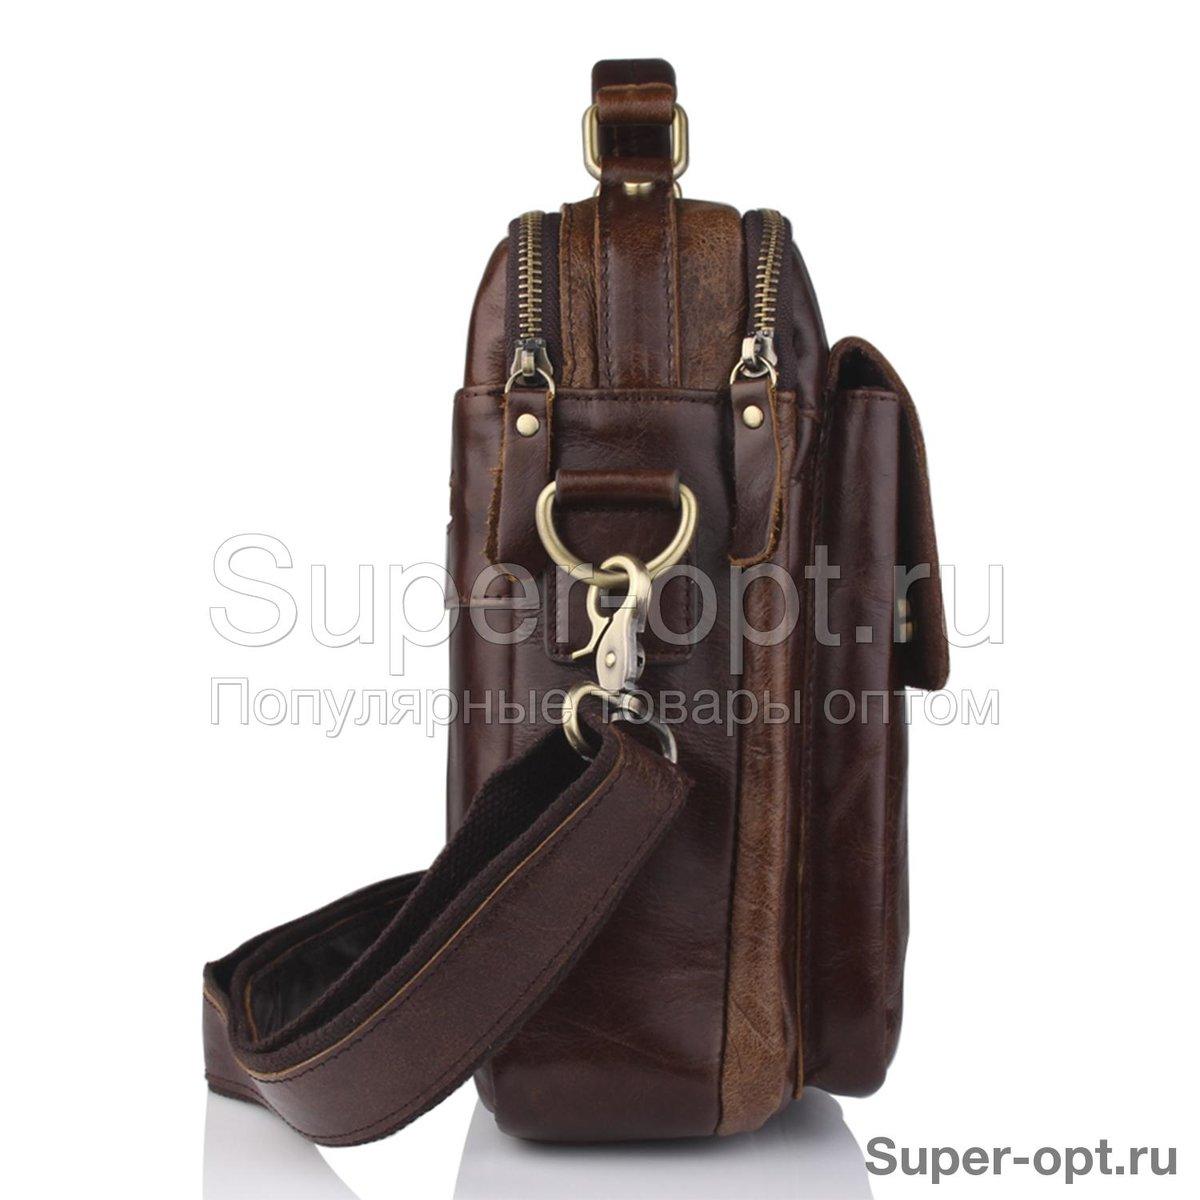 ea954312c427 Сумка CANADA в Нюрбе. Мужские кожаные сумки Подробнее по ссылке... 🚩 http